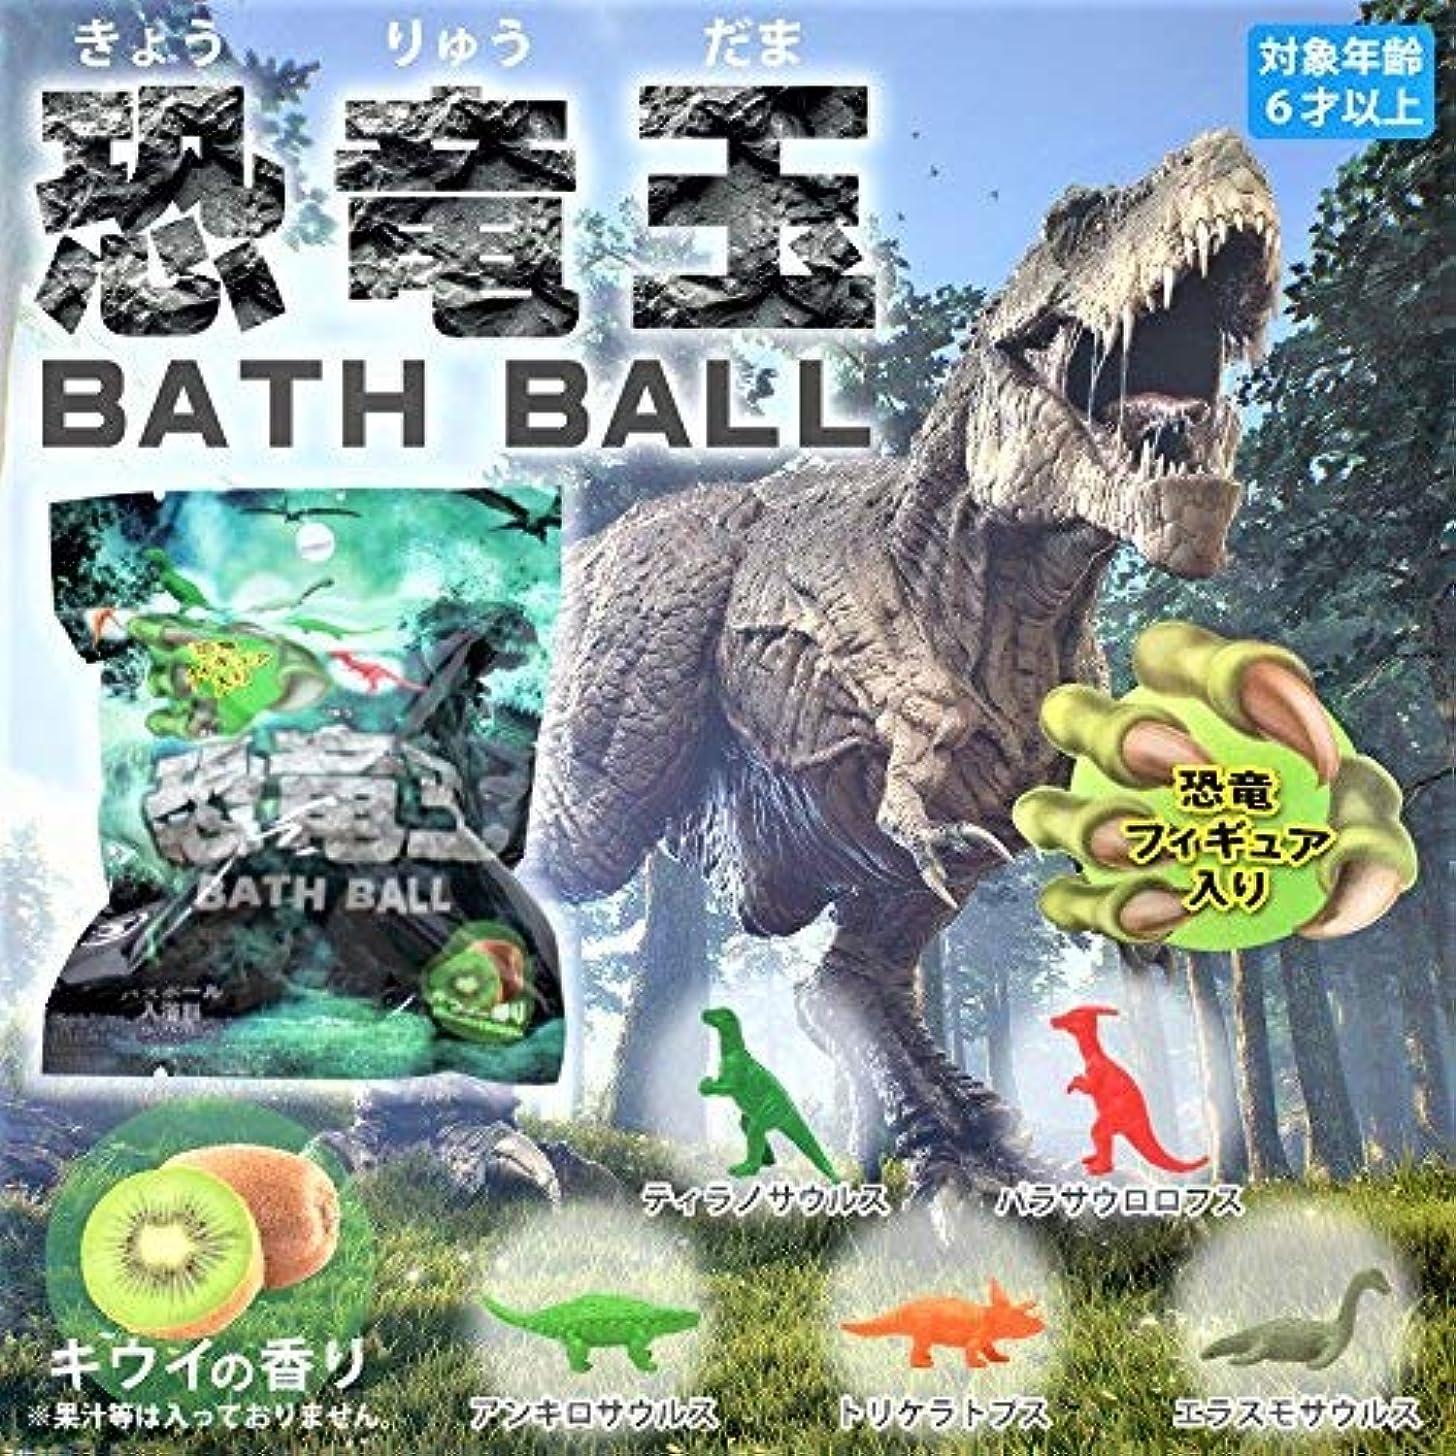 オデュッセウス運命的な商標恐竜玉バスボール 24個1セット キウイの香り 恐竜フィギュア入りバスボール 入浴剤